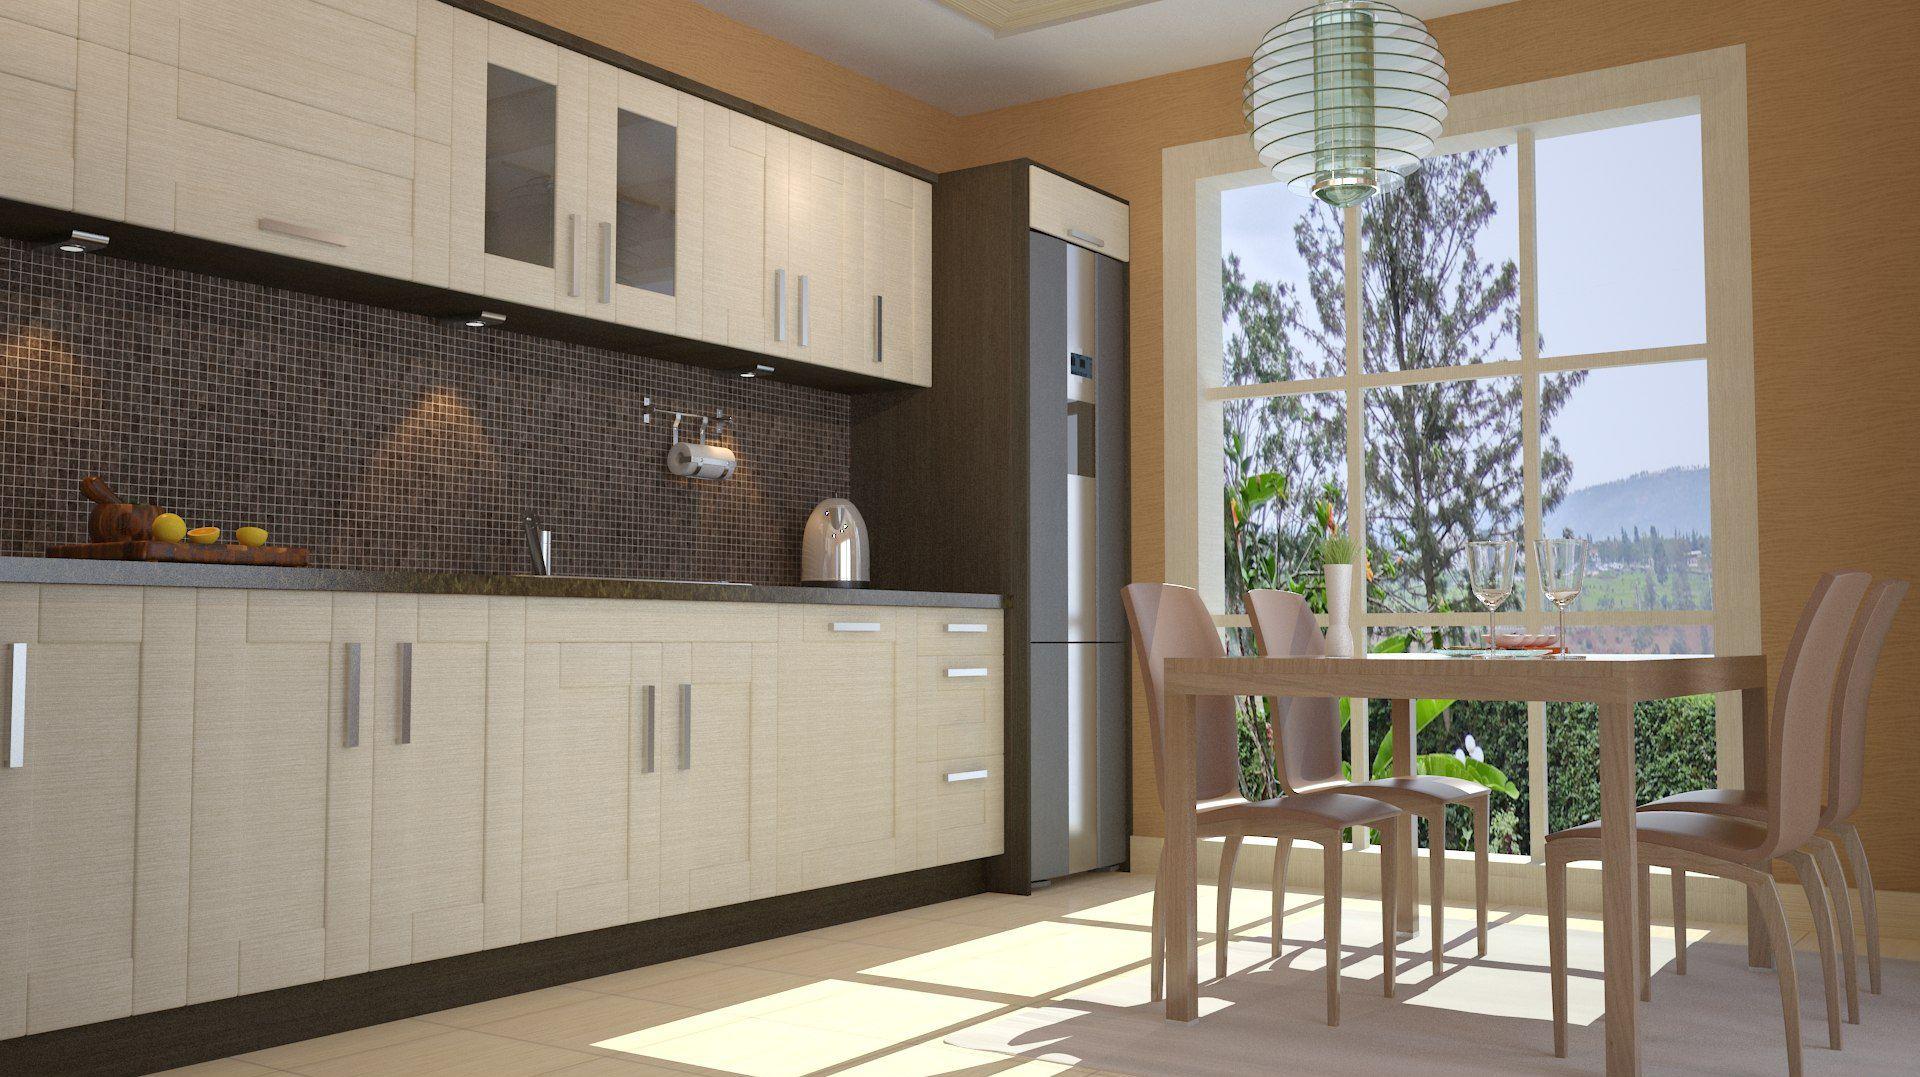 3d mutfak tasarımı - rüzgar tasarım sweet home 3d kitchen design